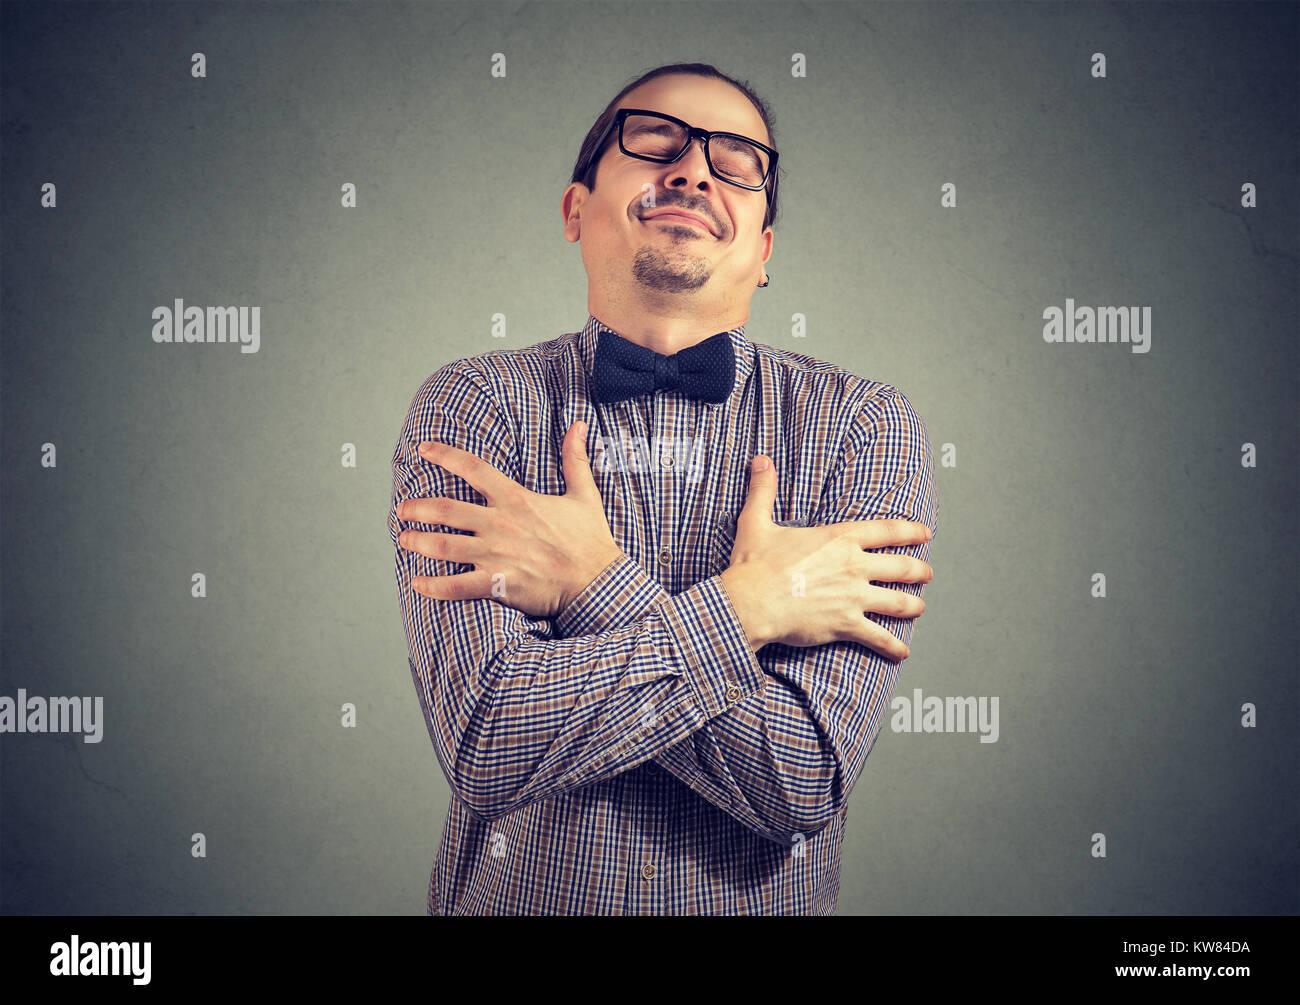 Junge stilvollen Mann in Bow-tie und Brillen selbst umarmen mit viel Gefühl der Liebe. Stockbild